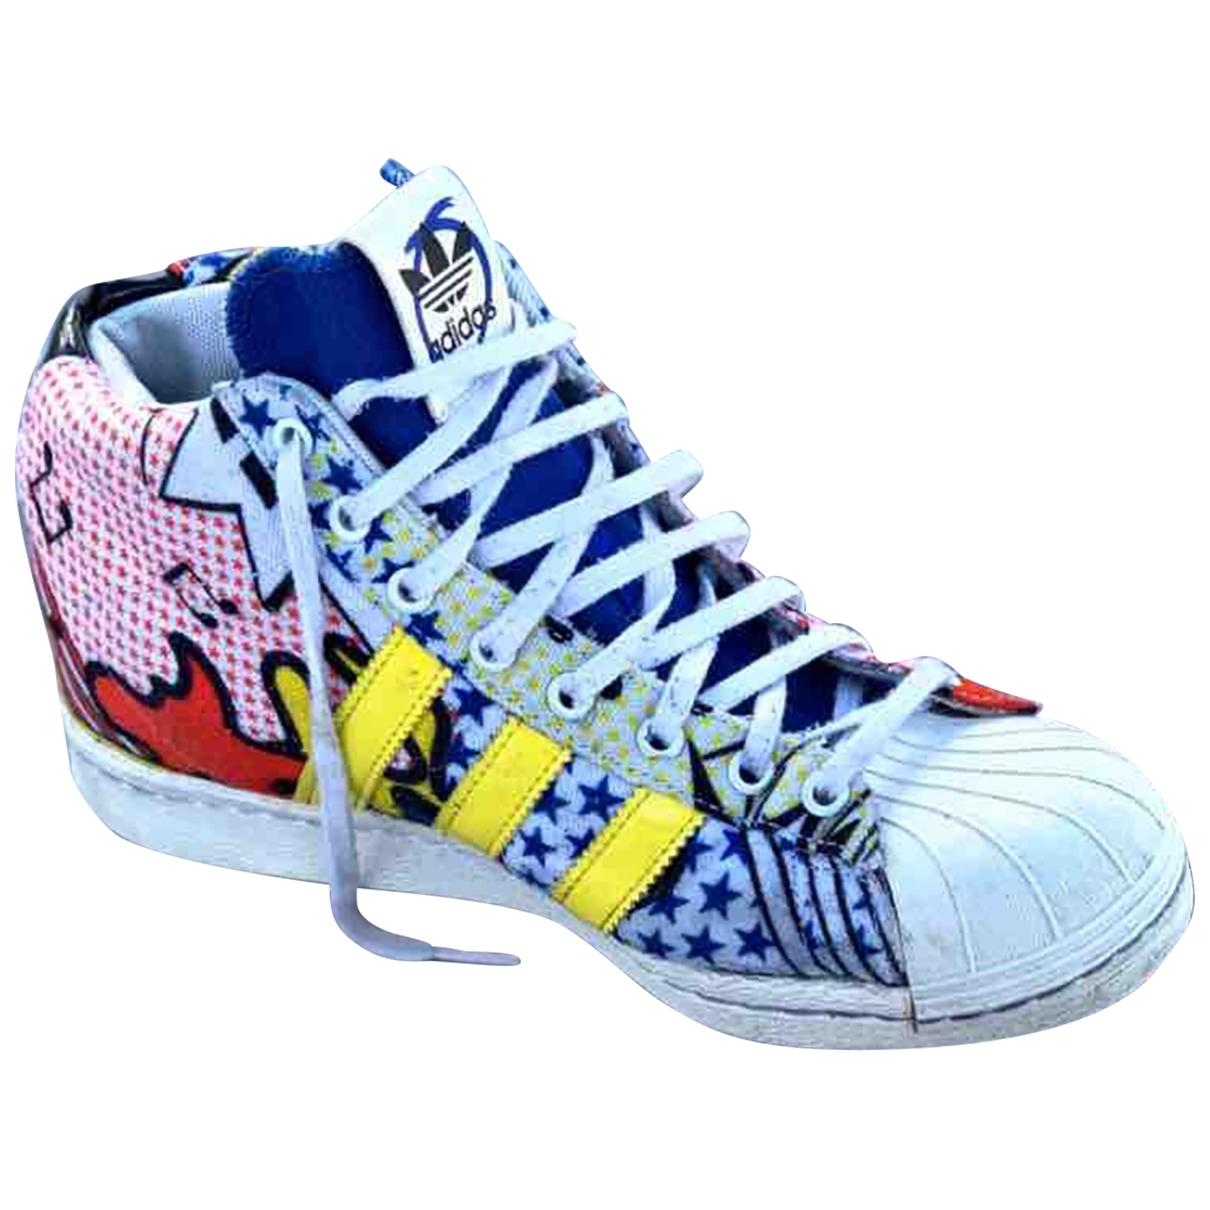 Adidas - Baskets Superstar pour femme en toile - multicolore